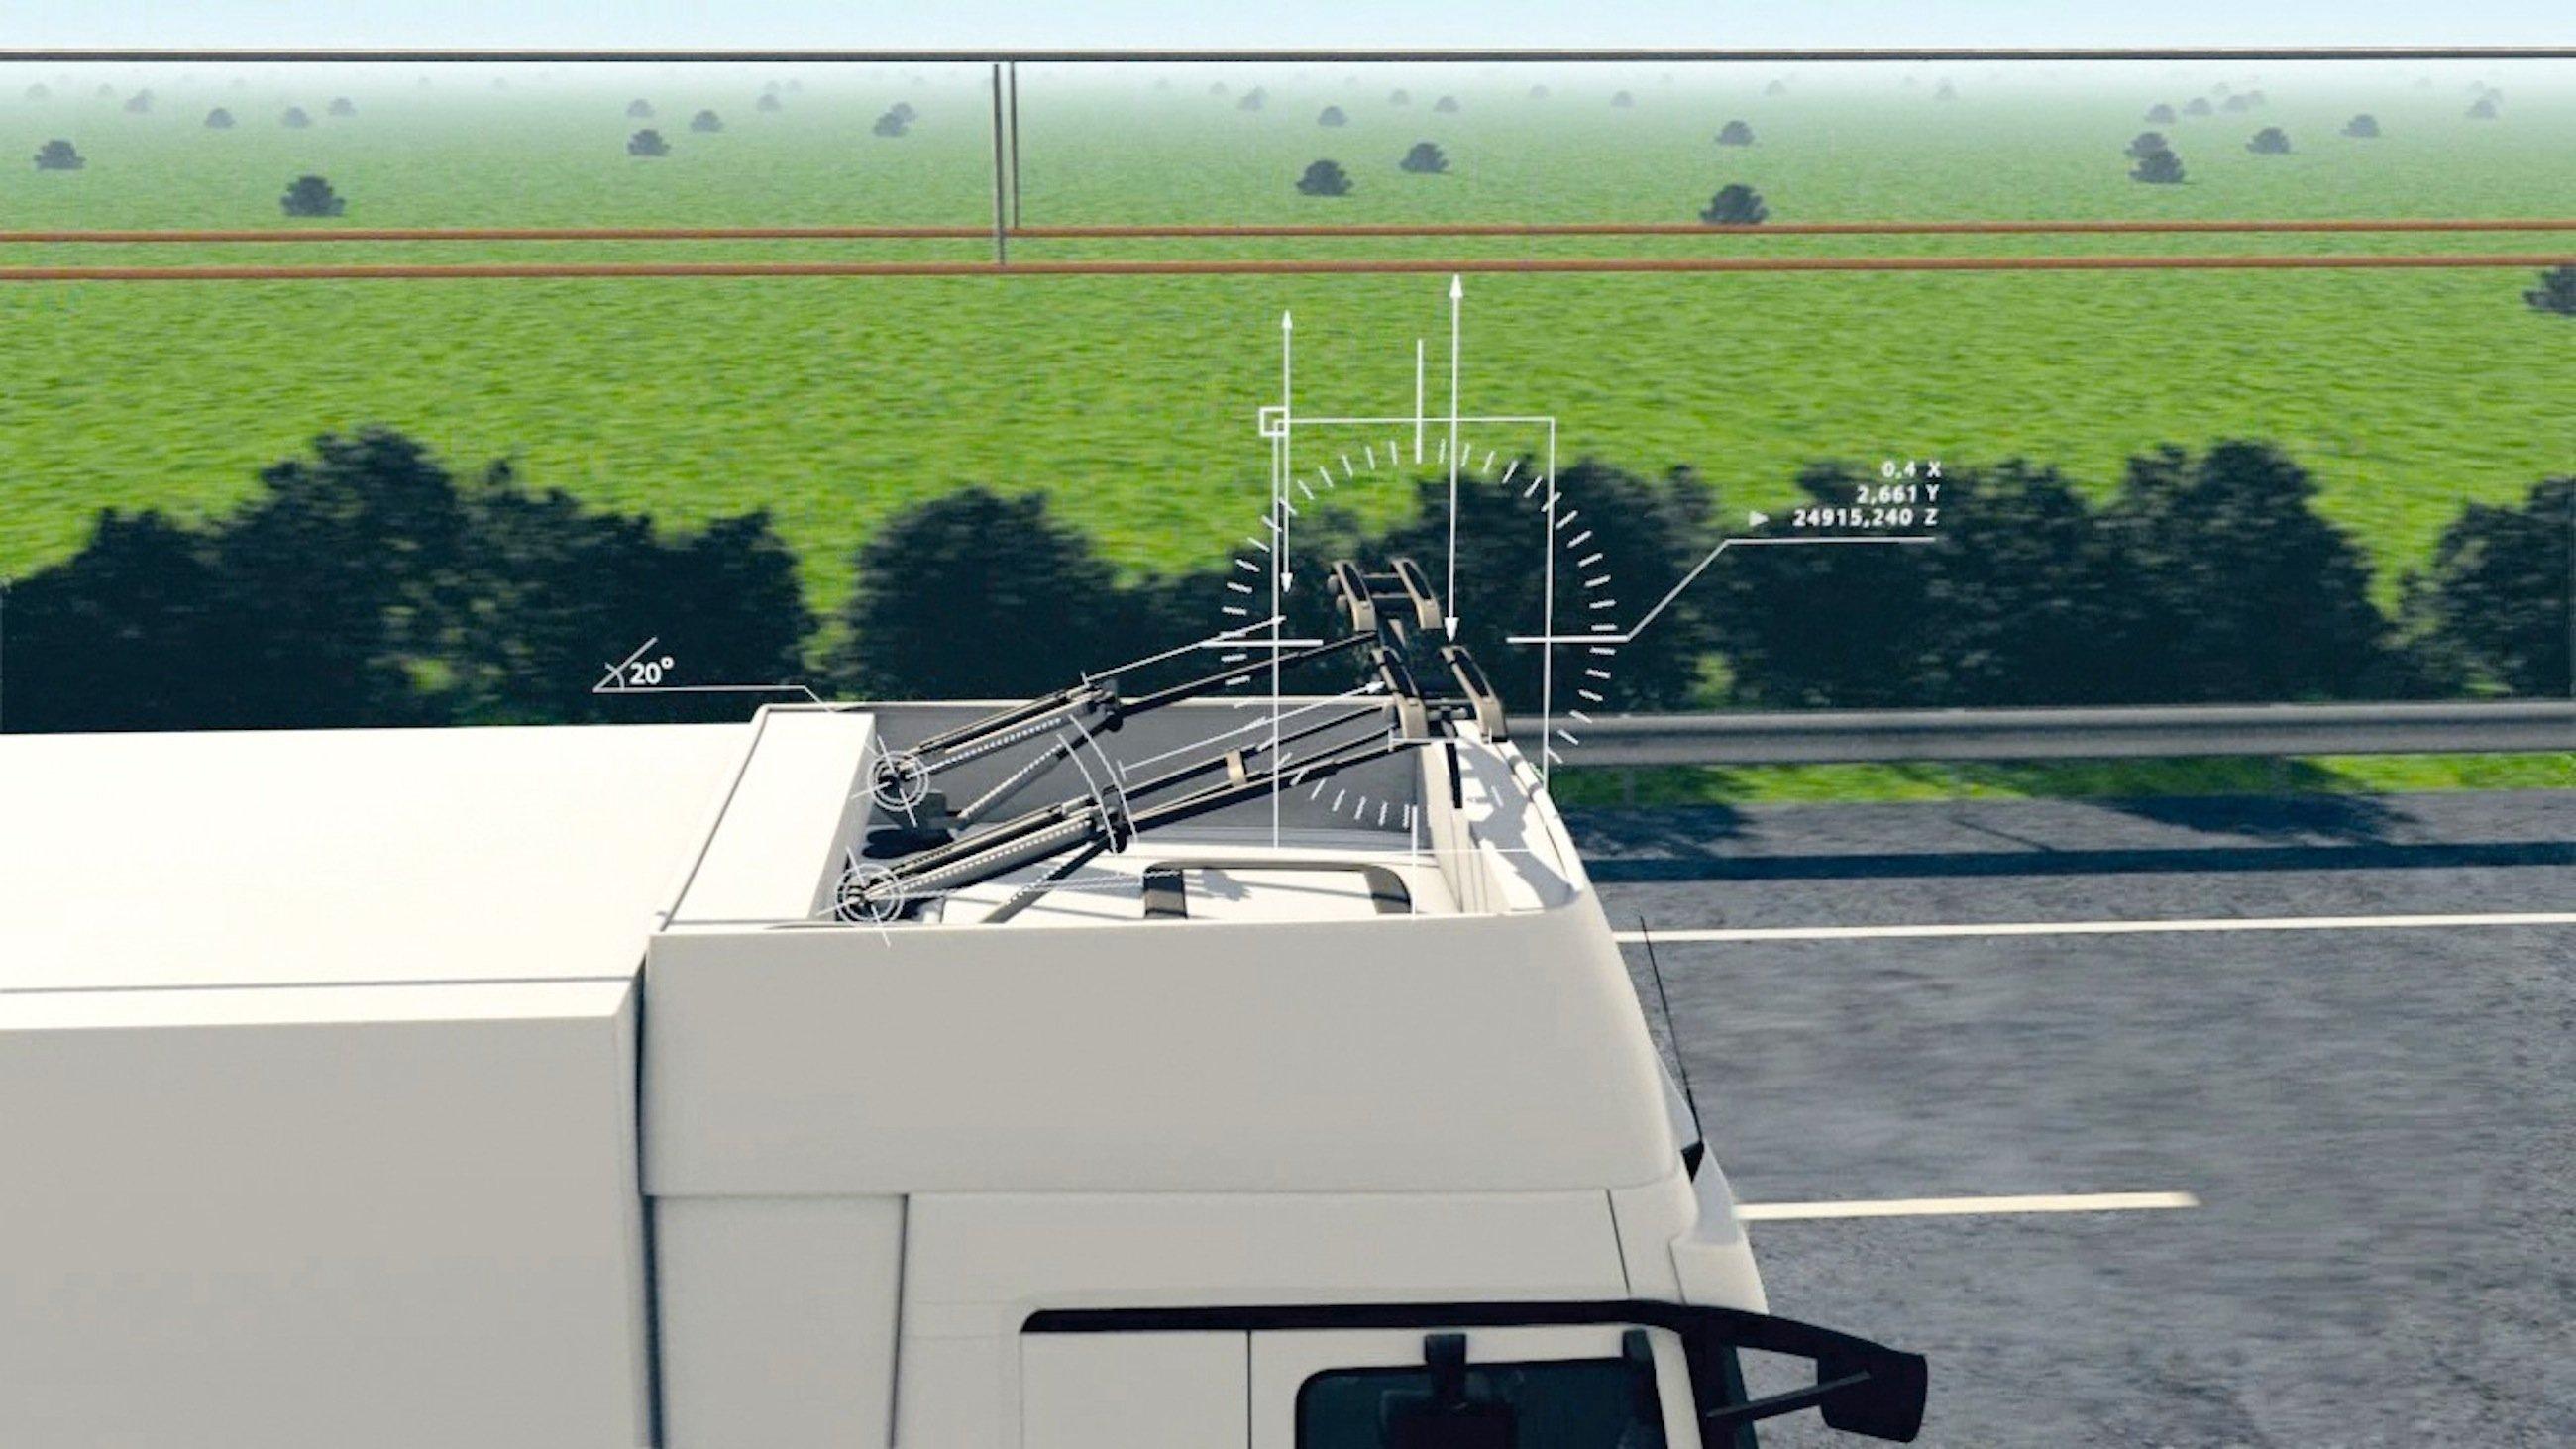 Die Stromabnehmer können bis zu einer Geschwindigkeit von 90 km/h automatisch an das Oberleitungssystem an-und abbügeln. Die Bügel gleichen zudem alle Bewegungen des Fahrzeuges aus. Ist die Oberleitungsstrecke zu Ende, werden die Stromabnehmer eingeklappt, der Lkw schaltet auf Batteriebetrieb oder Gasantrieb um.